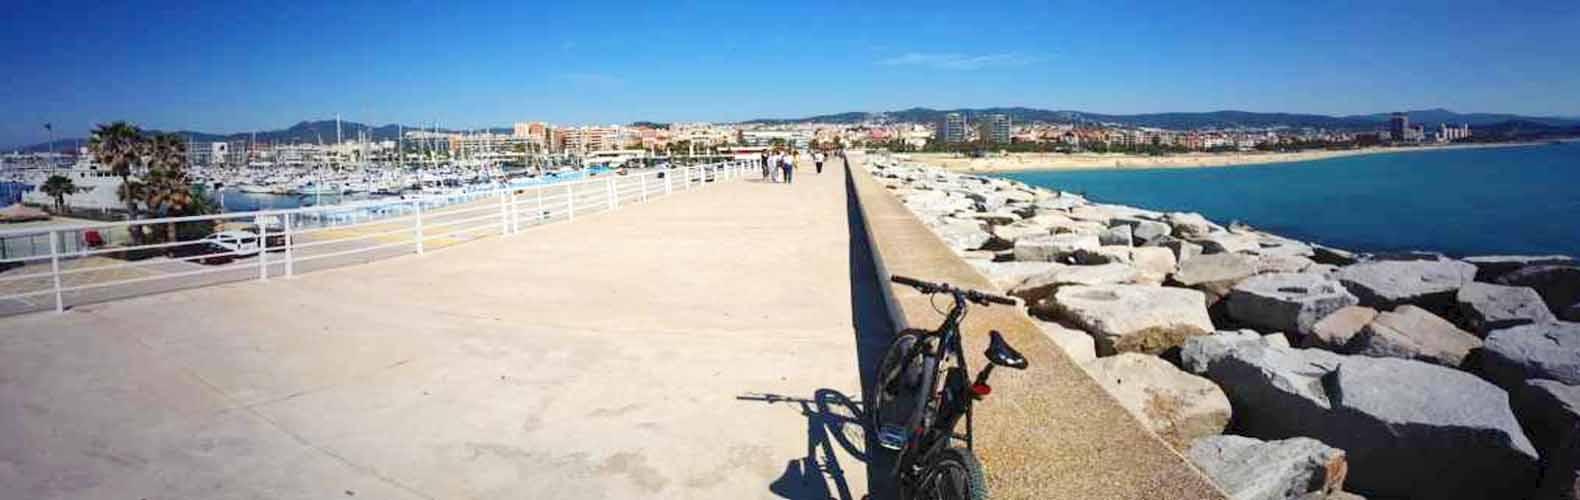 Venta de propiedades en Mataró en el Maresme